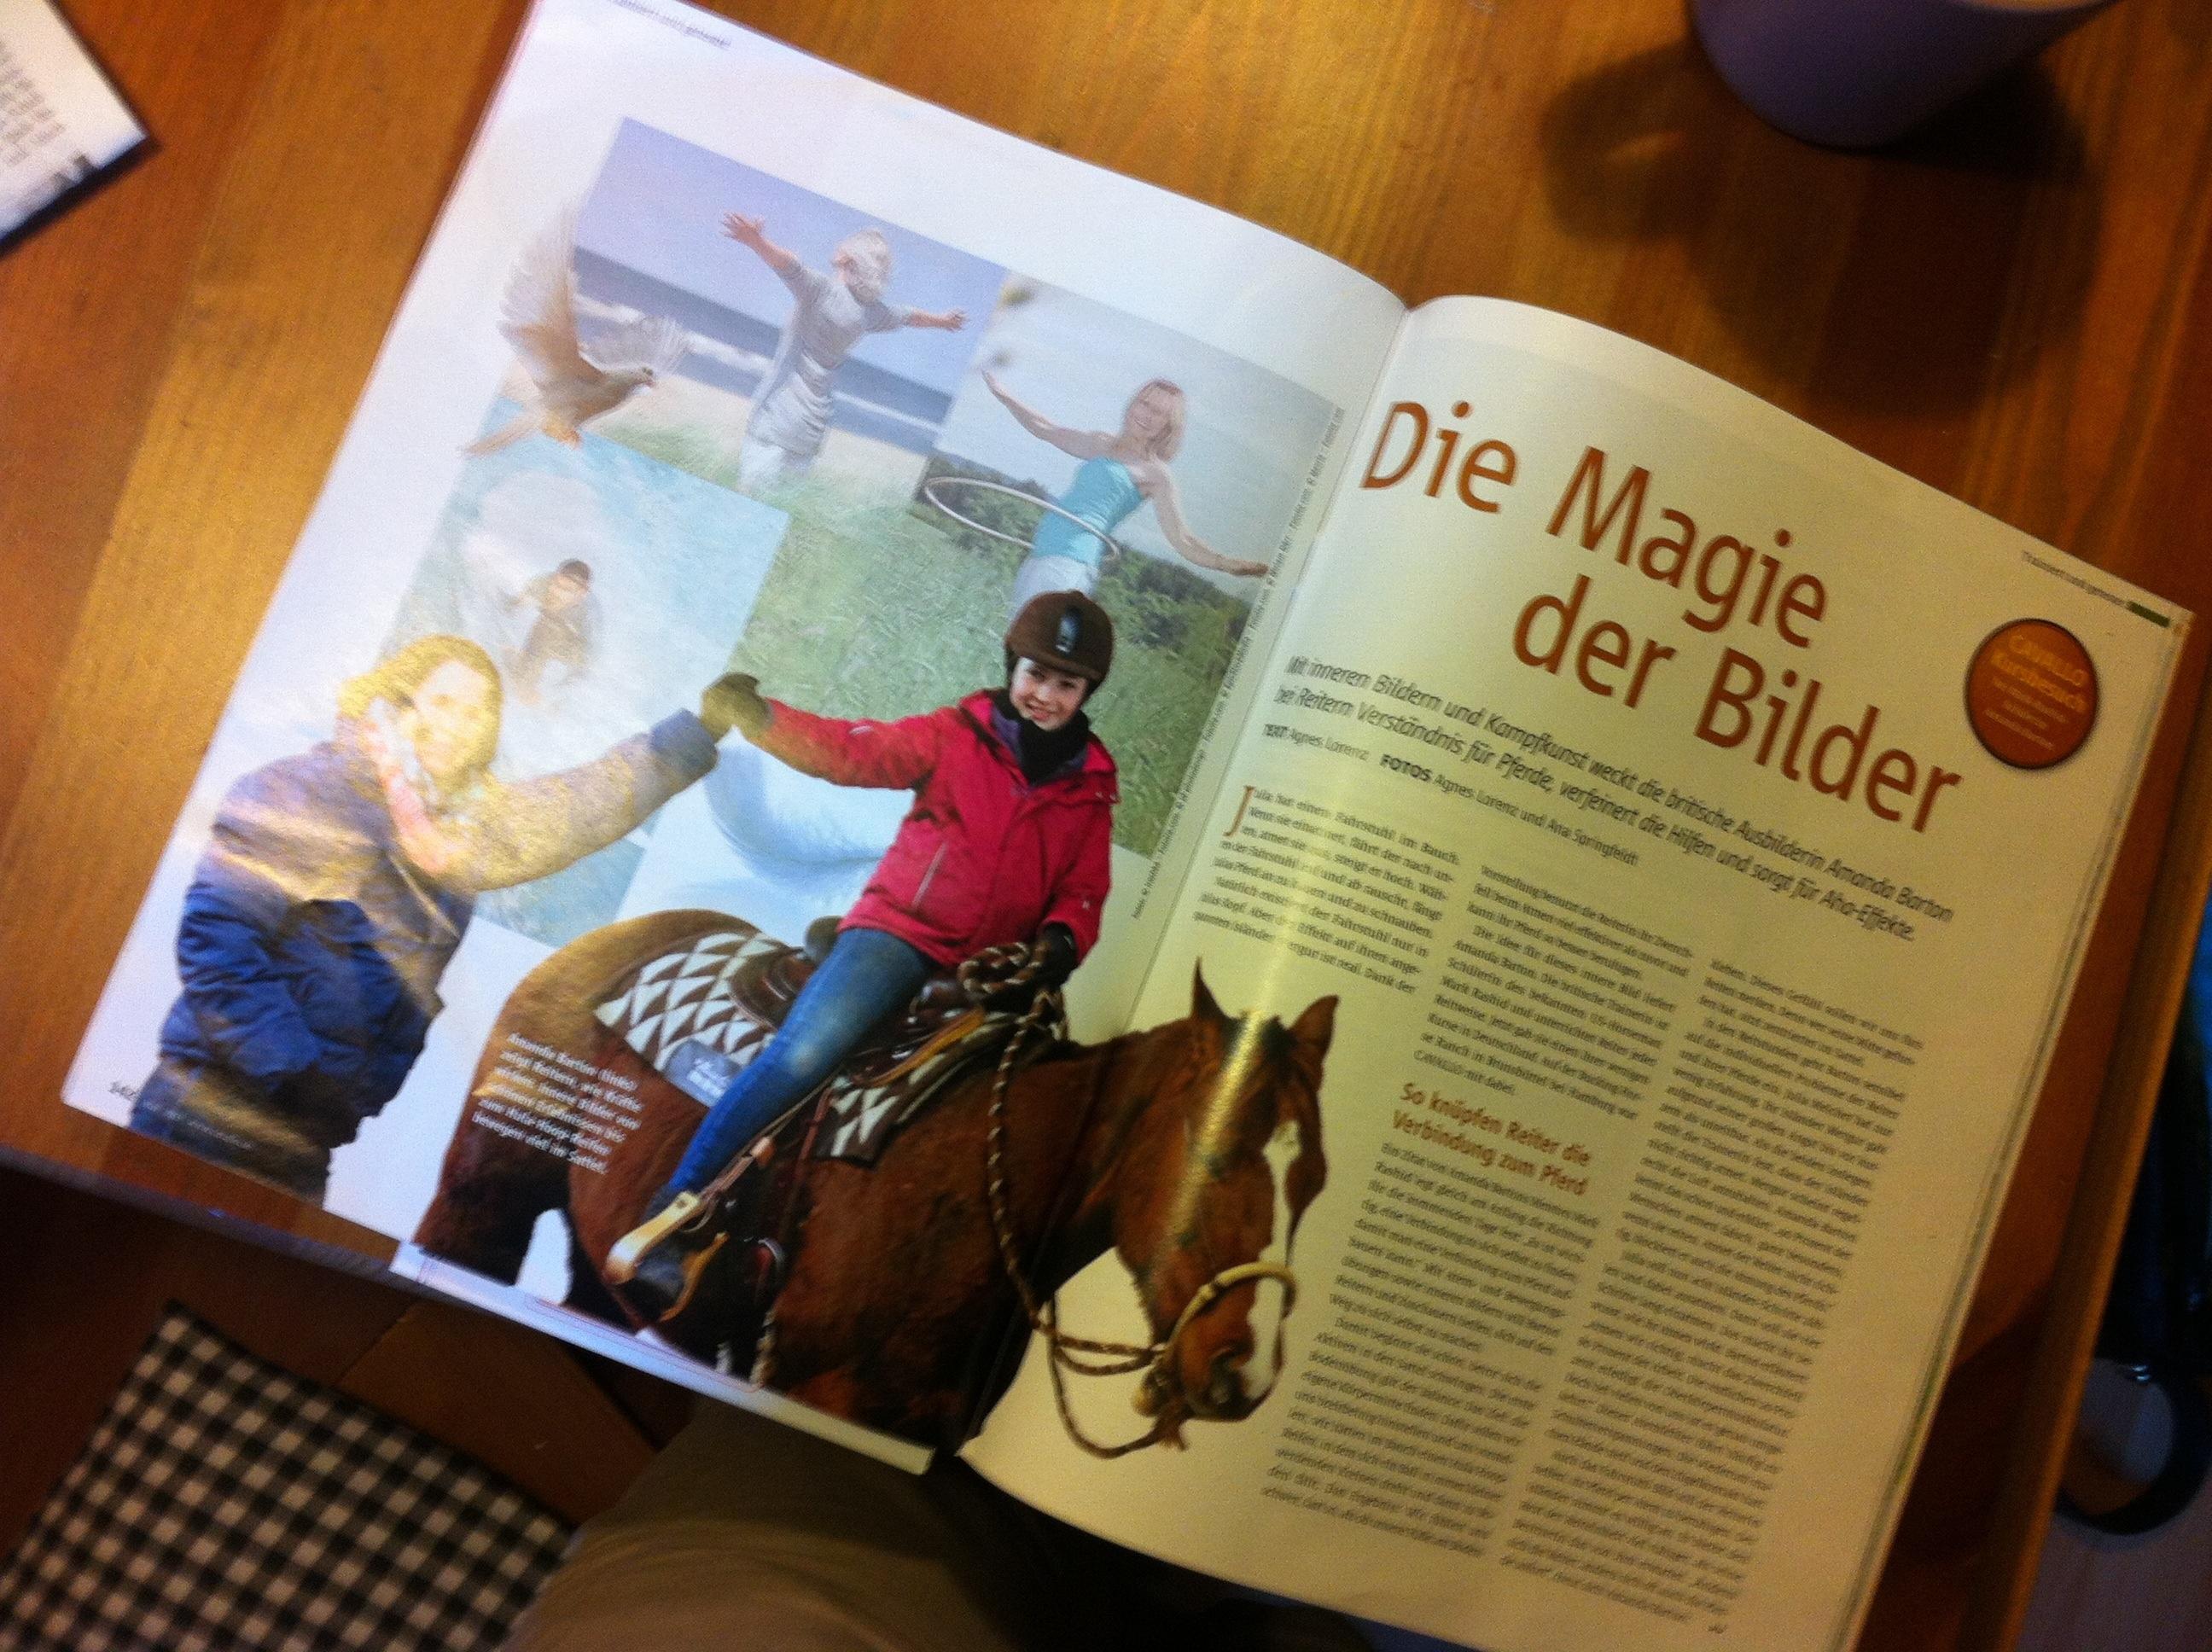 Artikel über Amanda Barton-Kurs in der Cavallo